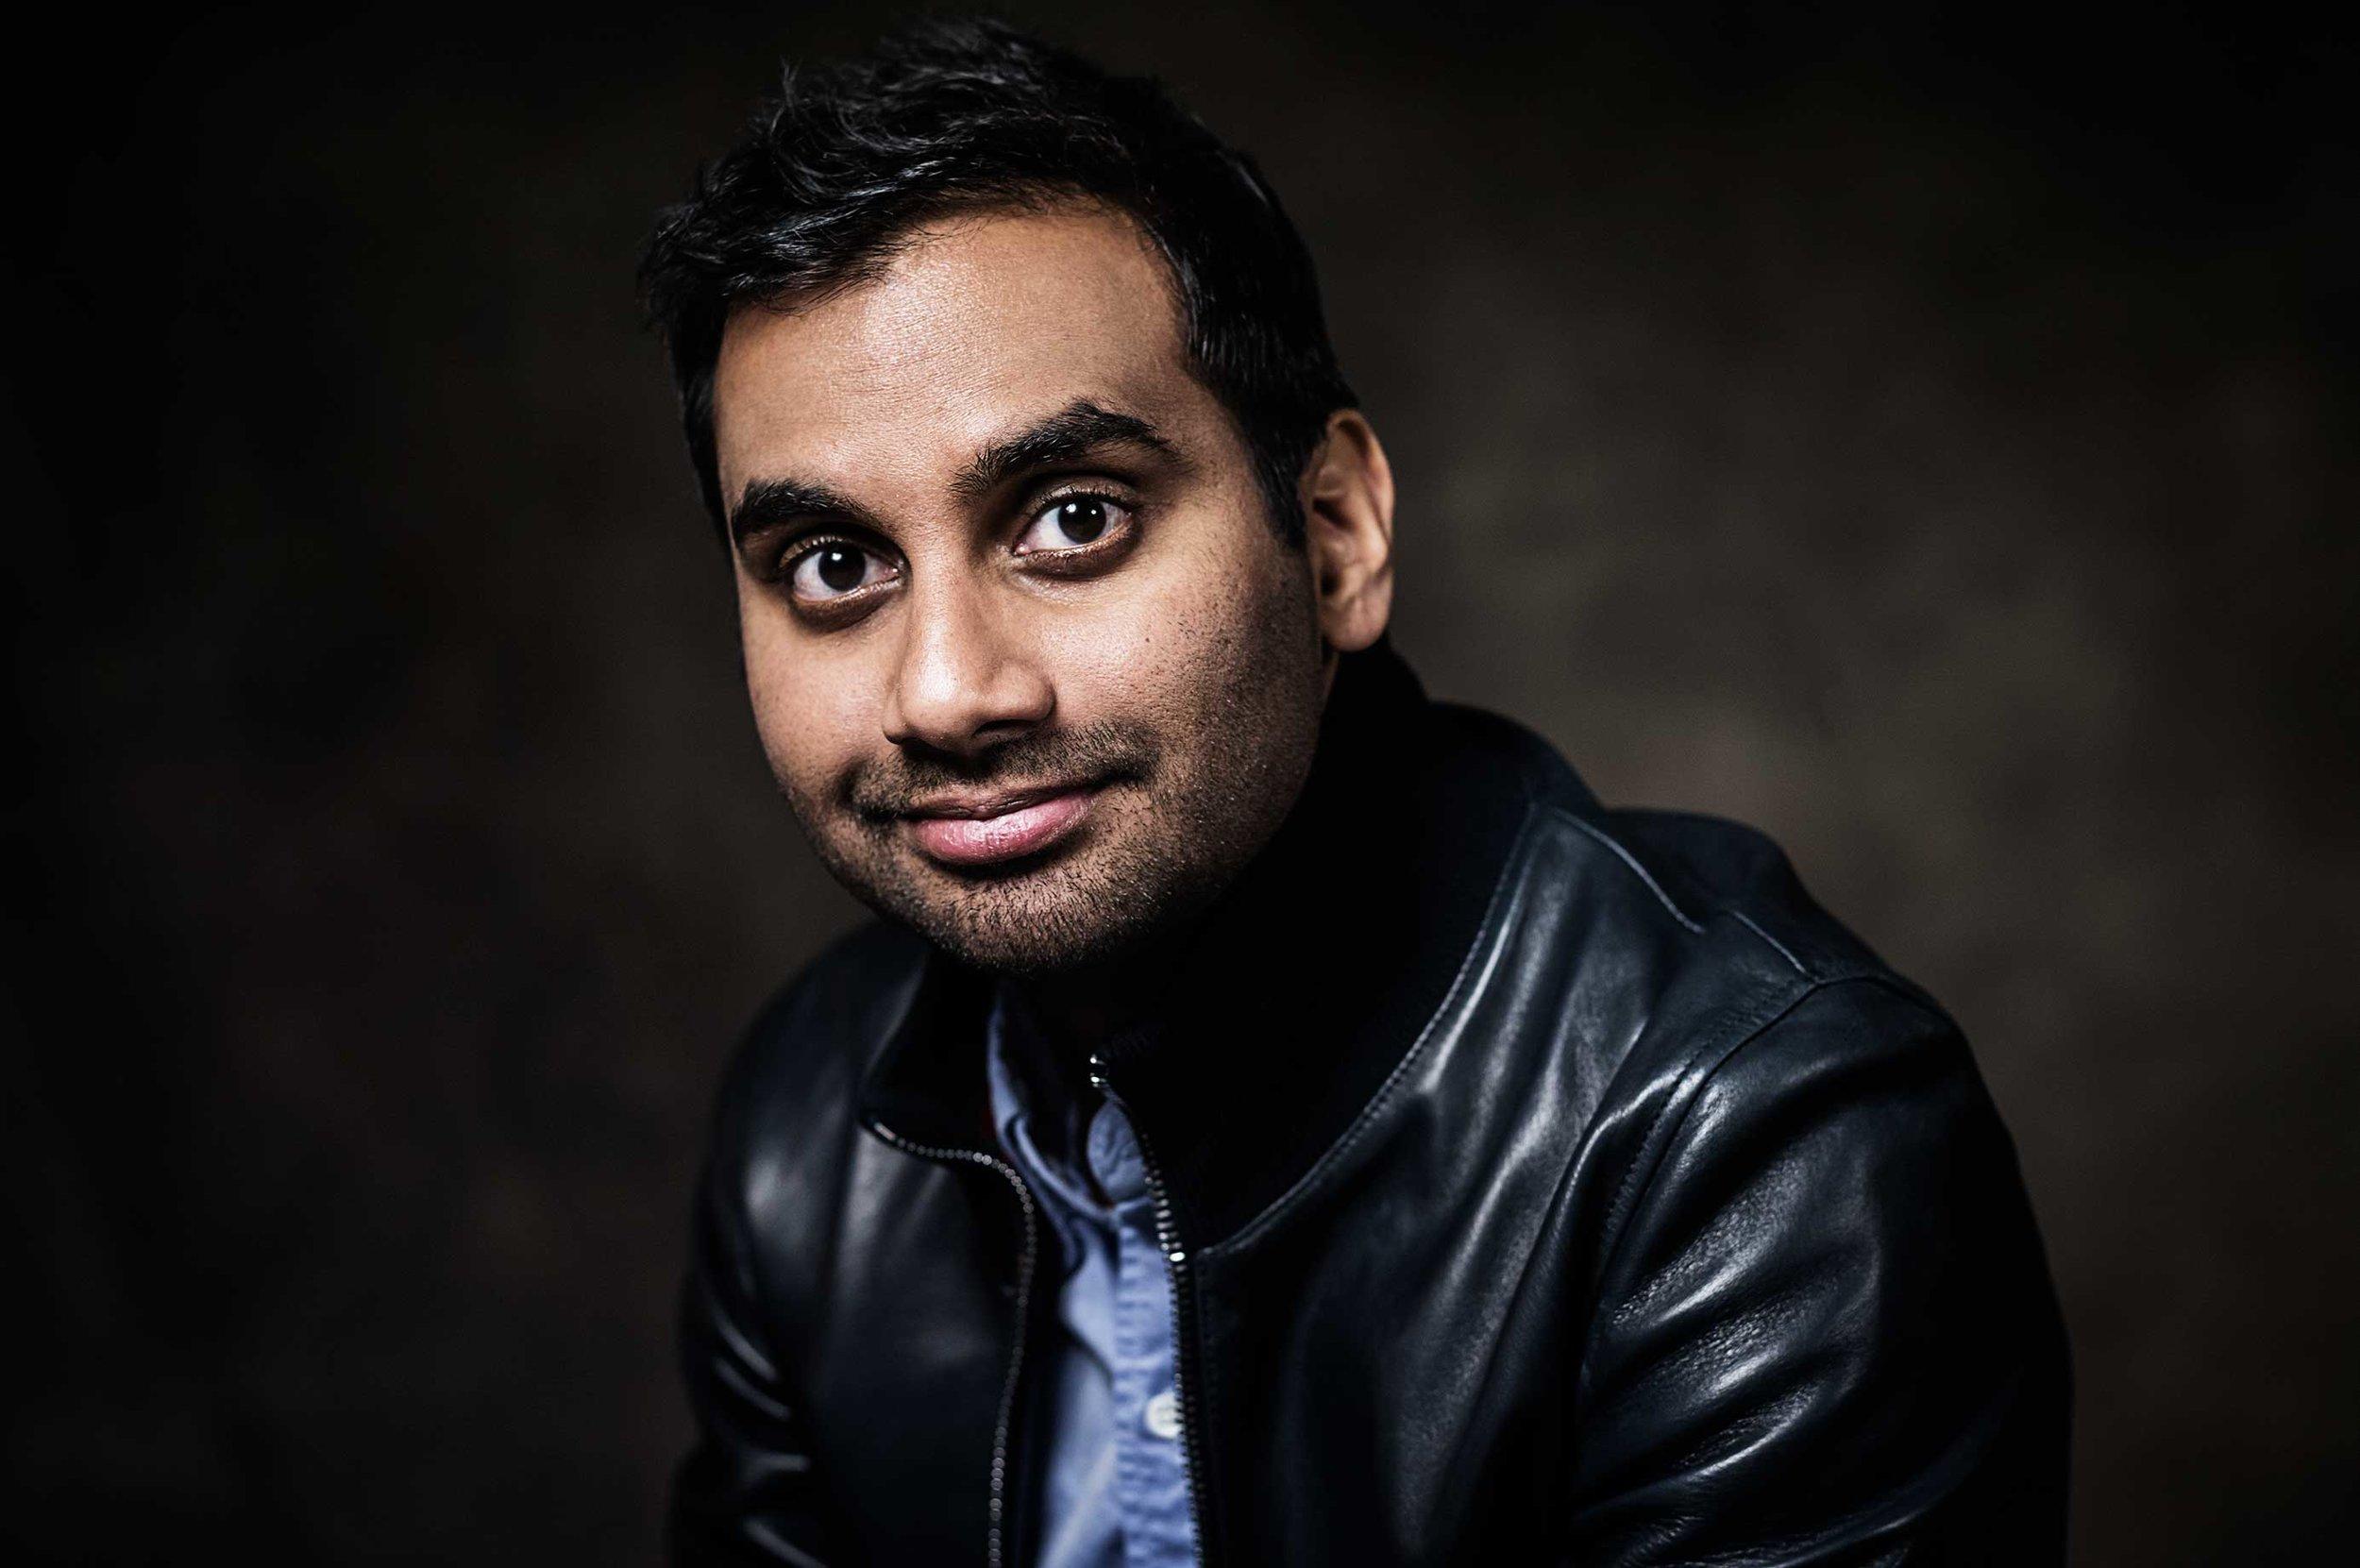 Aziz-Ansari-Master-None-2518-1.jpg